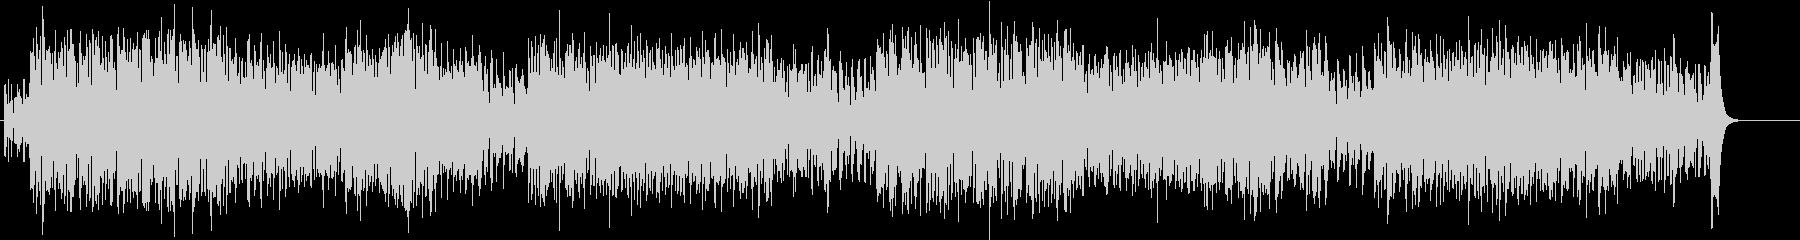 ドタバタ 騒がしいコミカルなBGMの未再生の波形